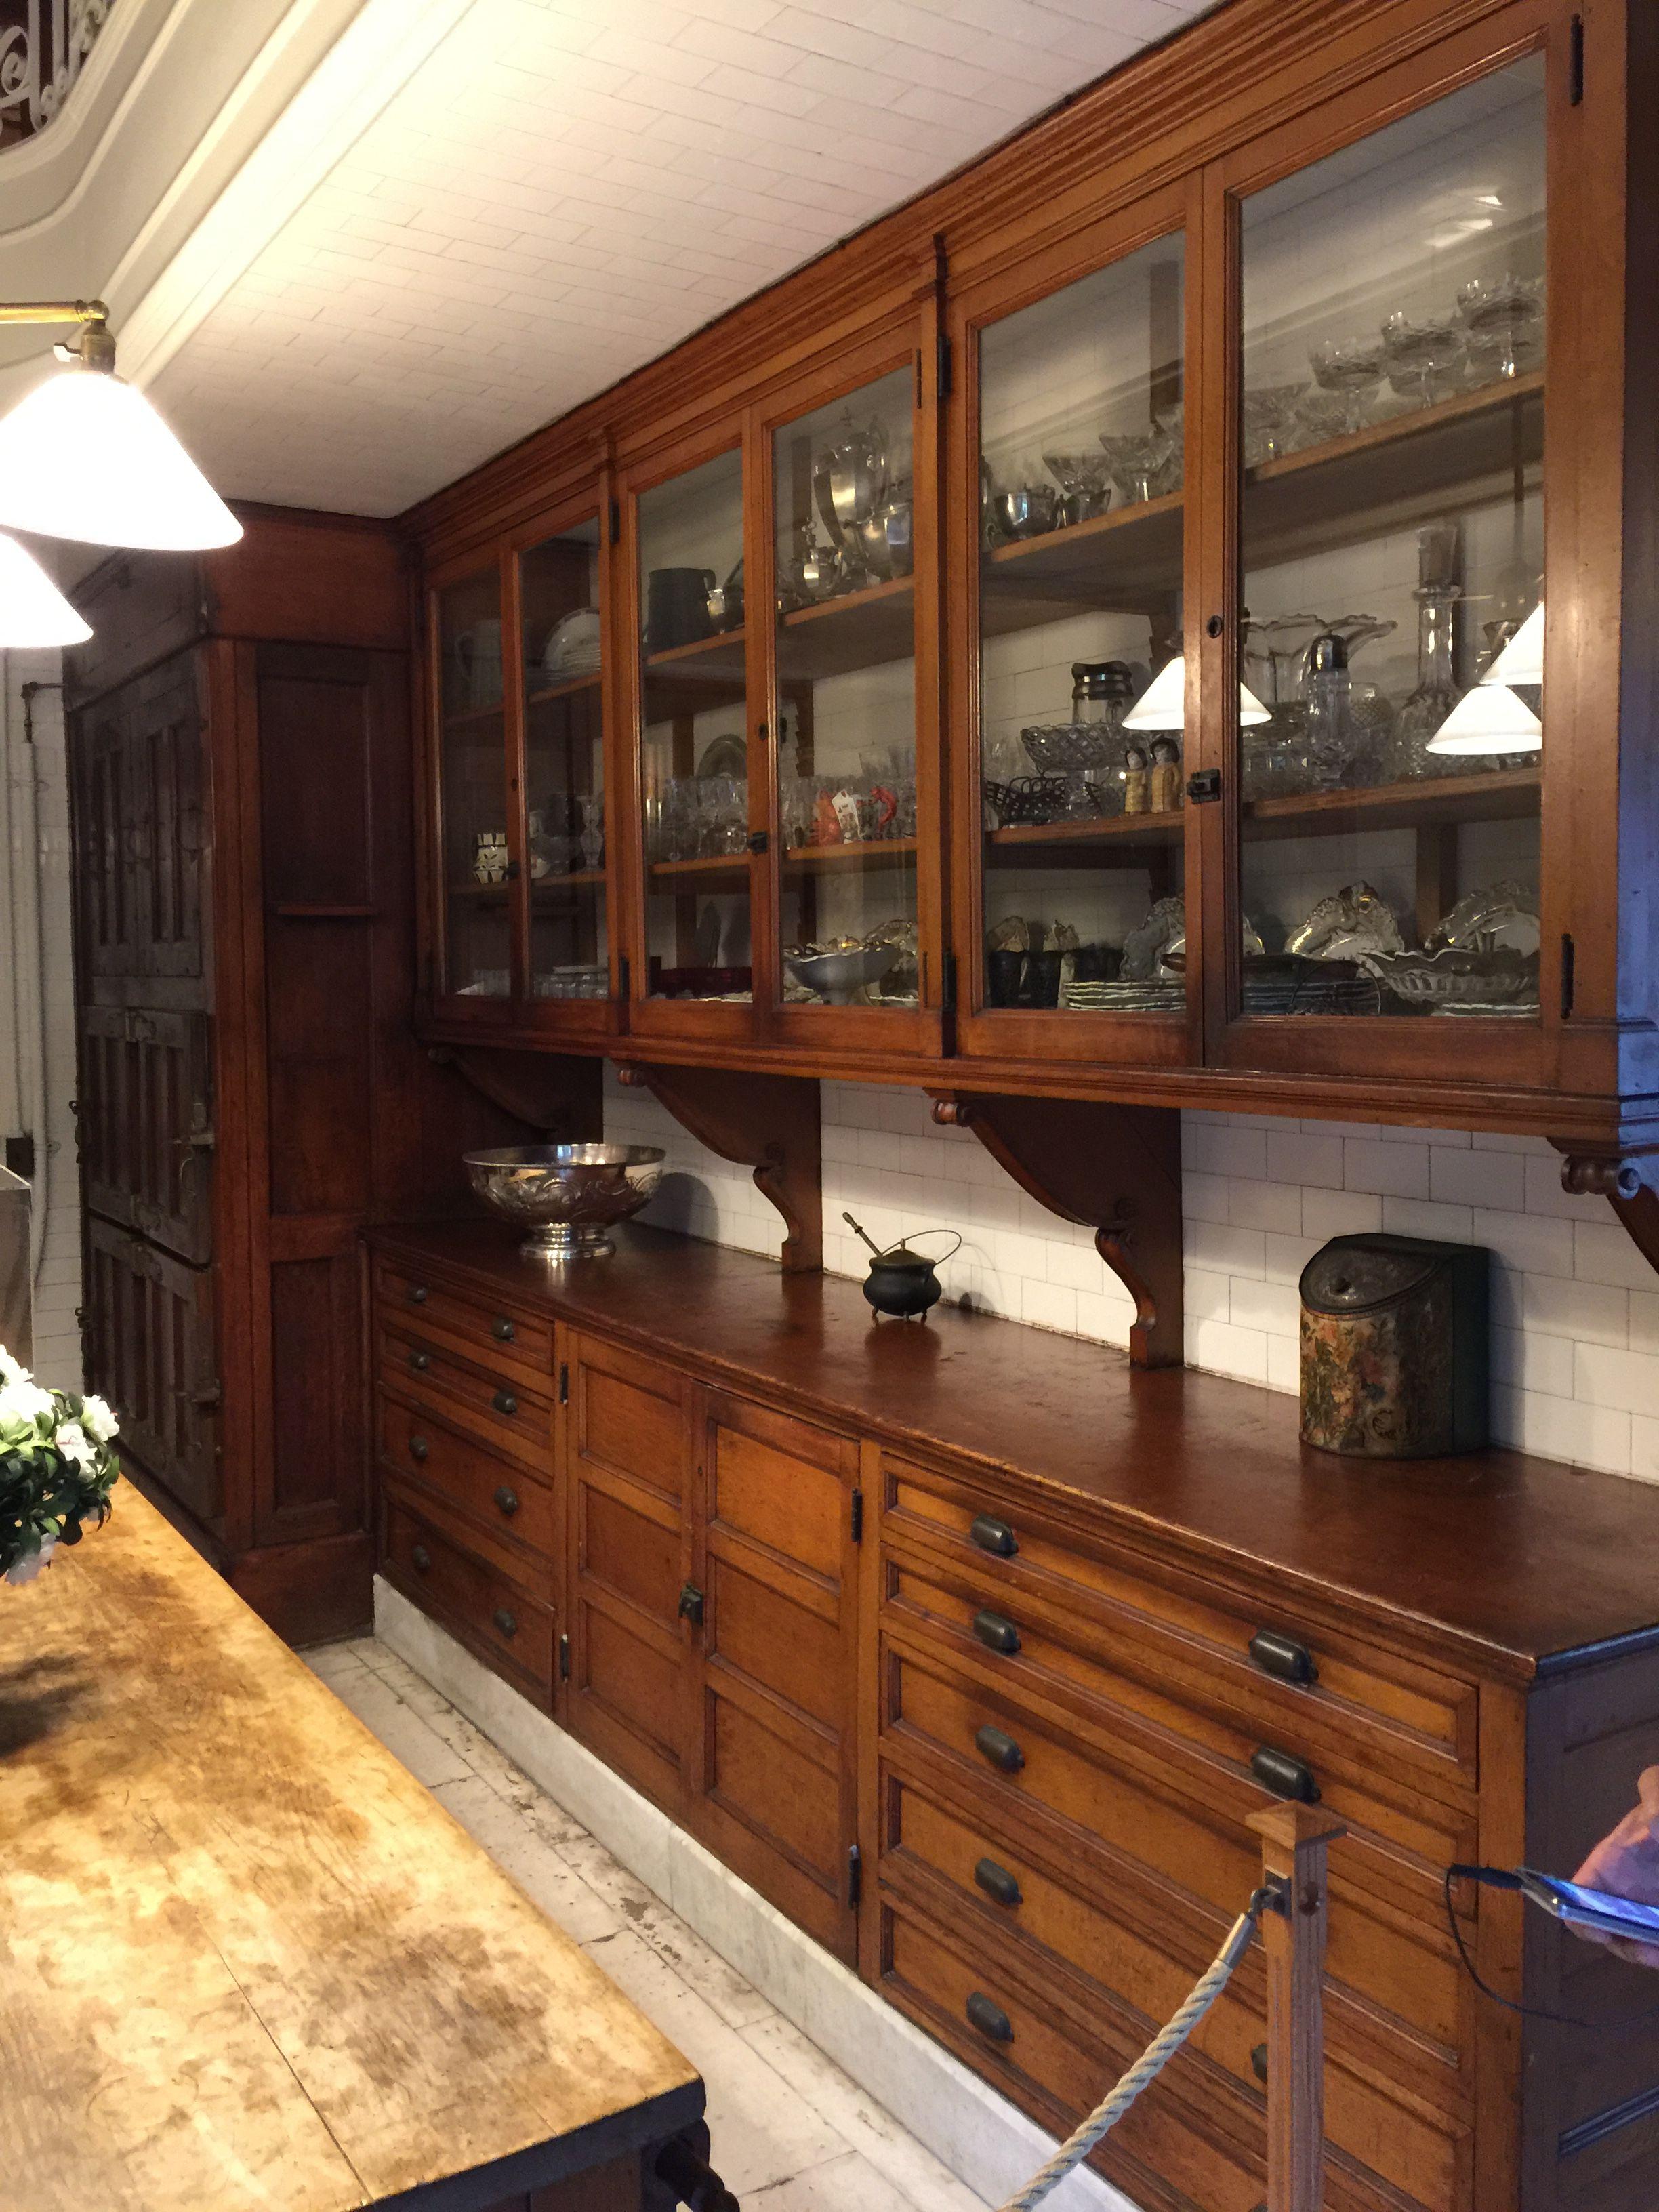 Kuchenschranke Aus Holz Und Glas 01 Kabinensperre Von Glas Holz Kuchenschranke Und Glass Kitchen Cabinets Oak Kitchen Cabinets Refacing Kitchen Cabinets